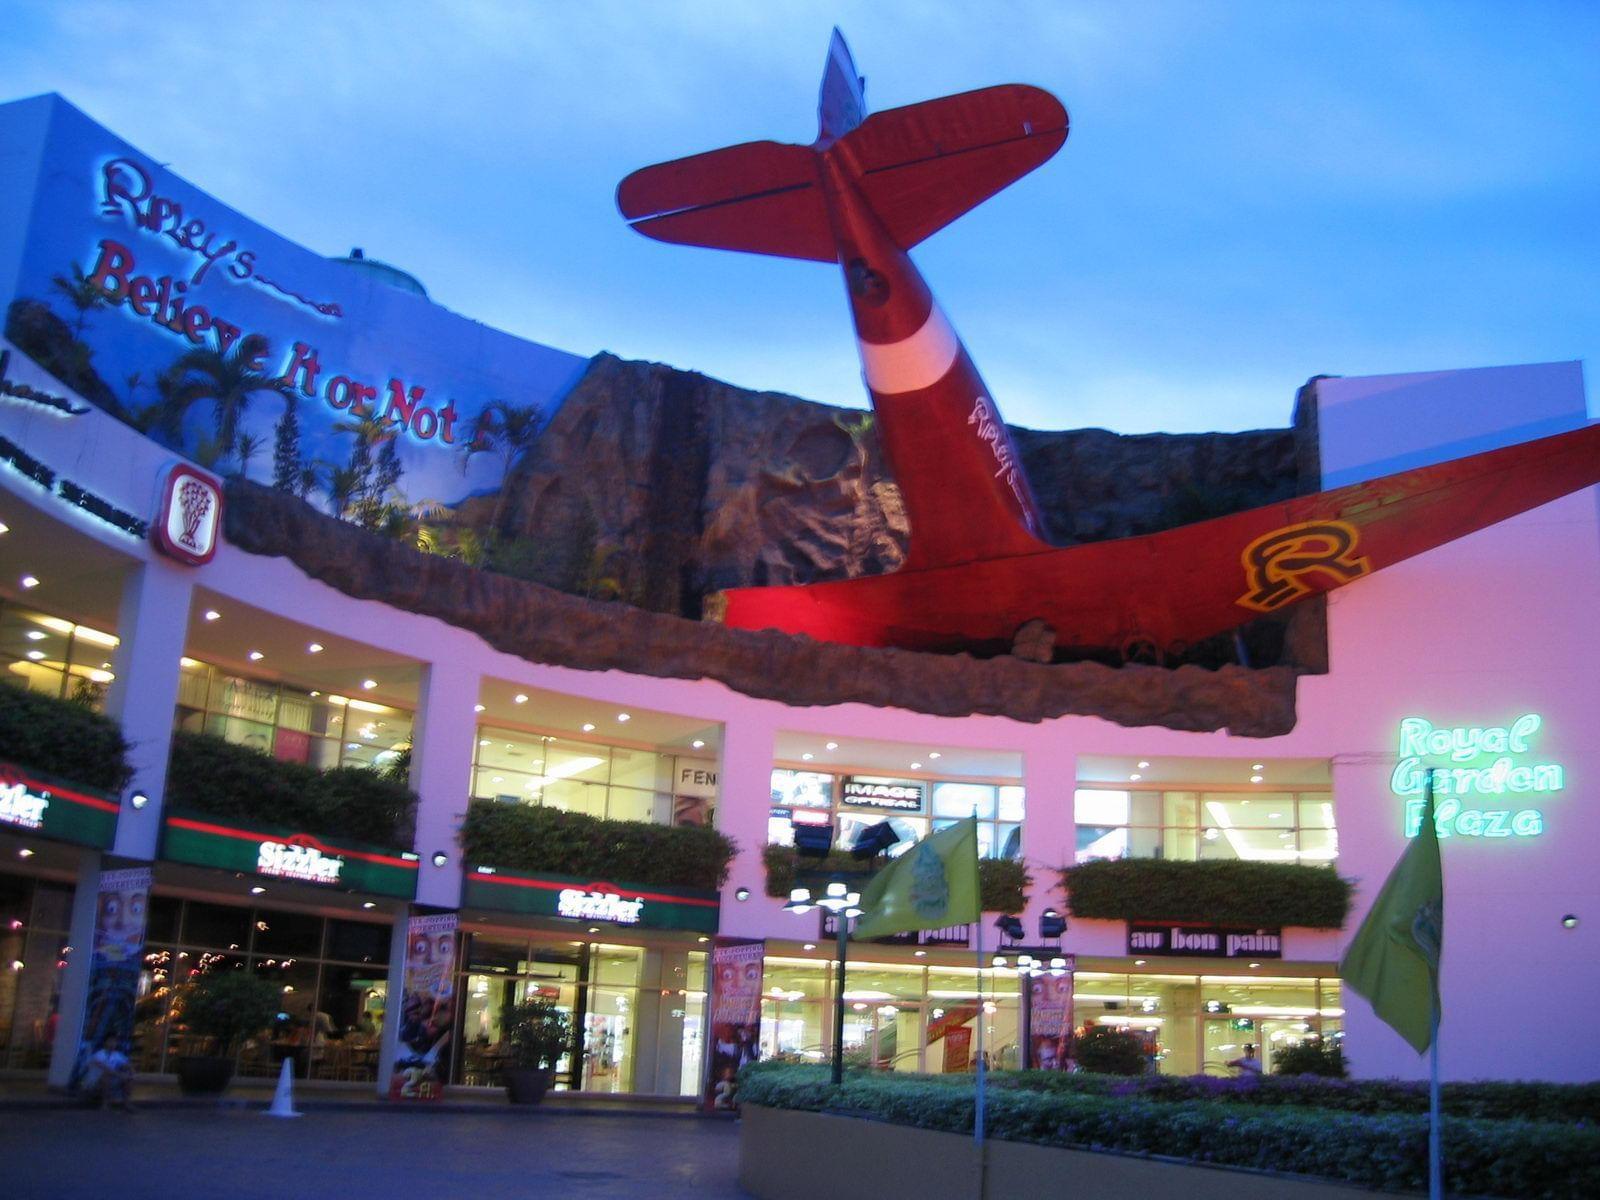 Royal Garden Plaza